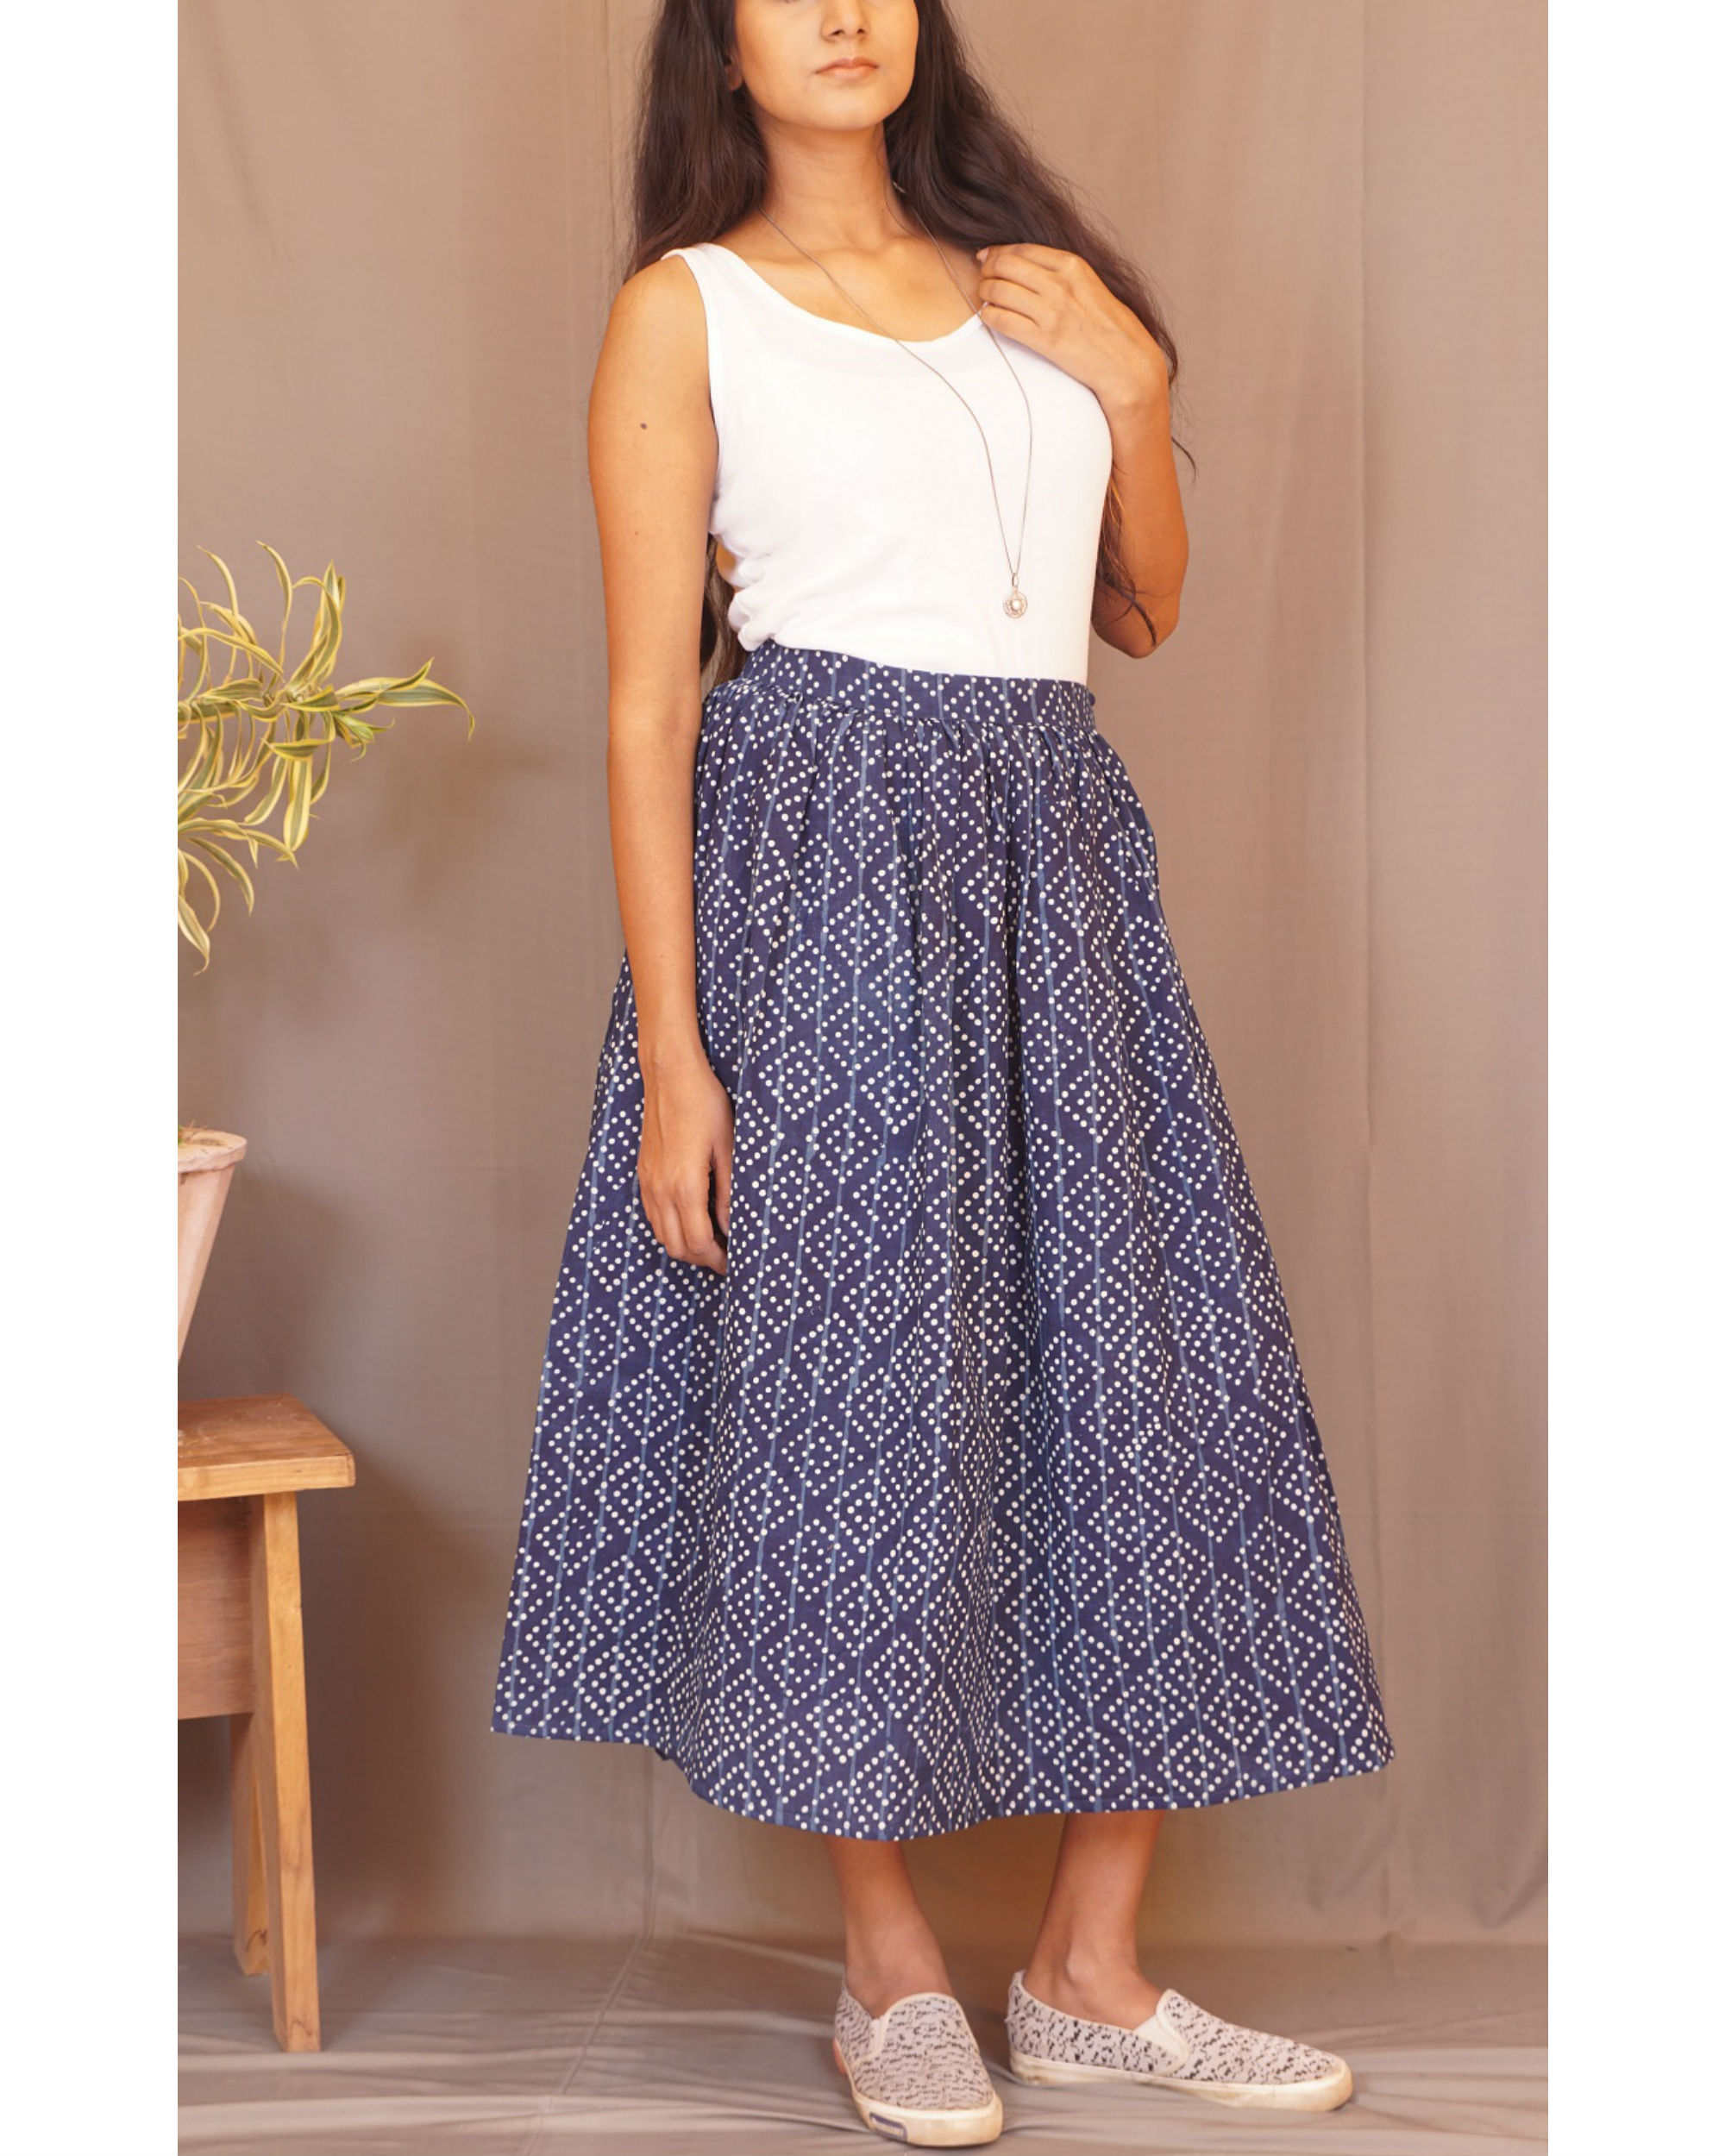 Polka indigo skirt